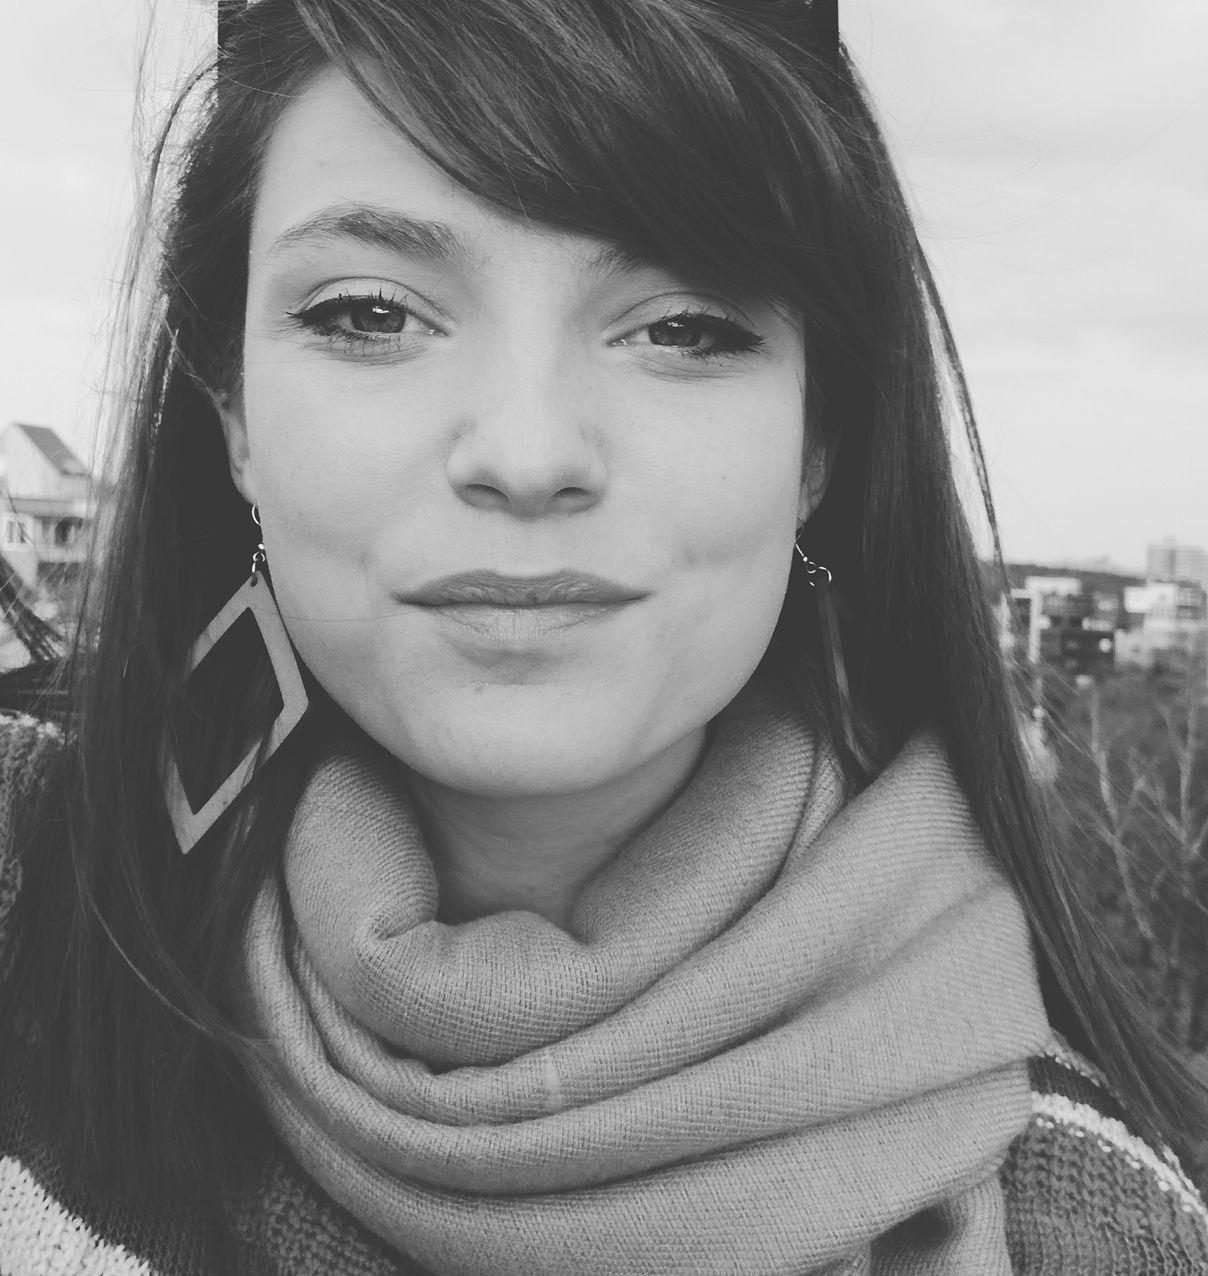 Наталия Иванова: Има моменти, в които мисълта за неотменния край те връхлита